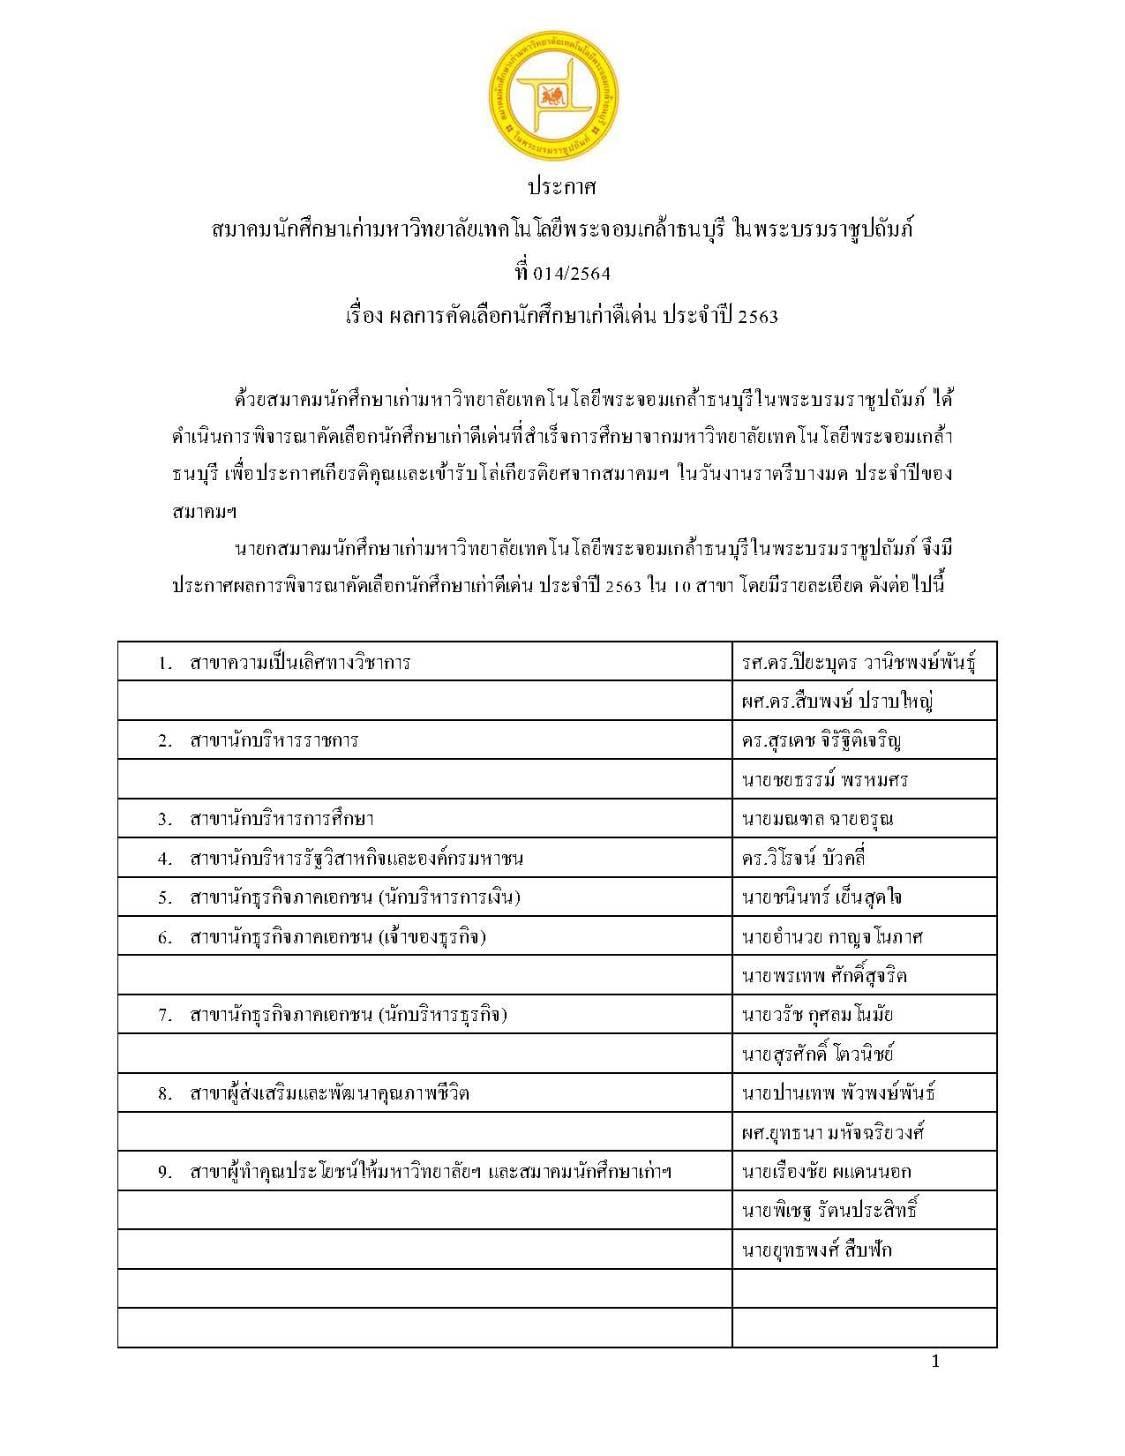 วิศวกรรมสถานแห่งประเทศไทยฯ (วสท.) ขอแสดงความยินดี ในโอกาสได้รับรางวัลศิษย์เก่าดีเด่น ประจำปี 2563